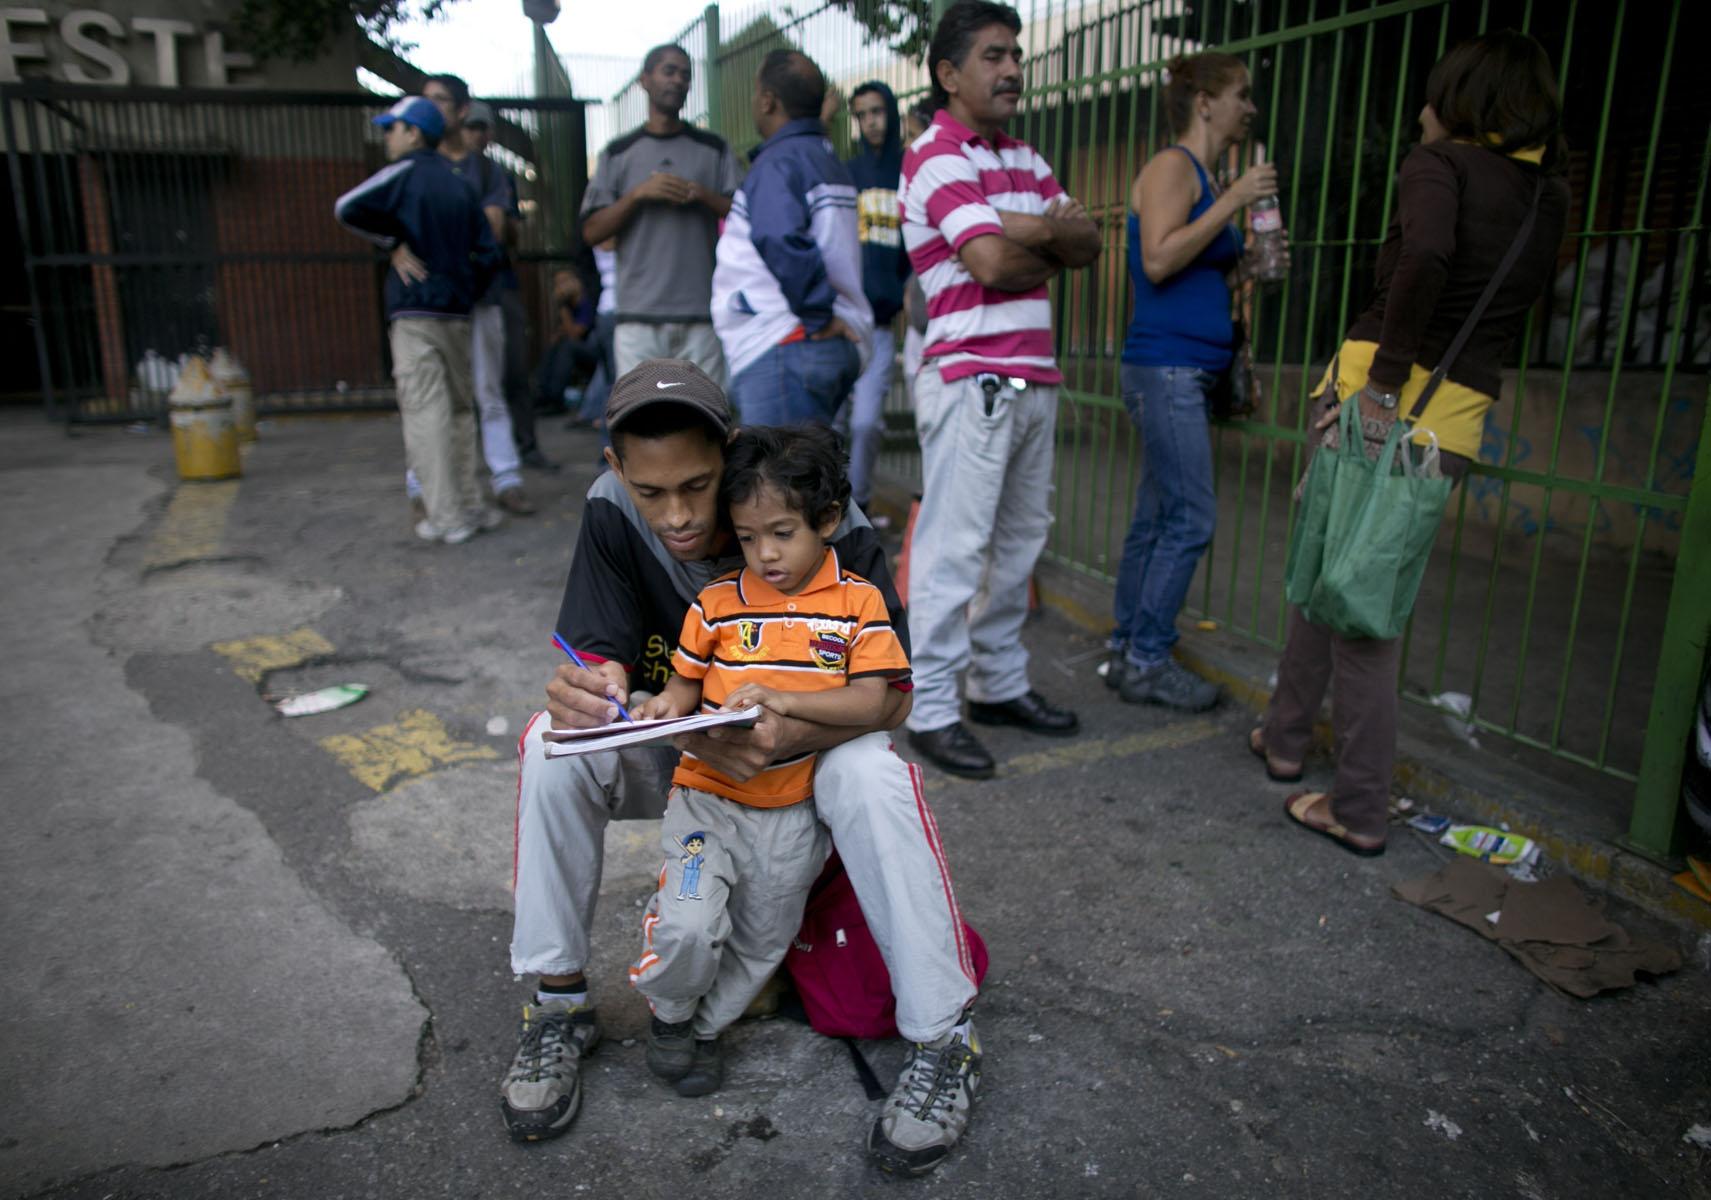 En esta imagen, tomada el 4 de julio de 2016, Eder Noriega, de 25 años, enseña los números a su hijo Santiago, de 3, mientras esperan en una fila para comprar comida en un supermercado en Caracas, Venezuela. A medida que las filas se vuelven más largas, se han convertido en un escenario de la vida cotidiana. (AP Foto/Ariana Cubillos)